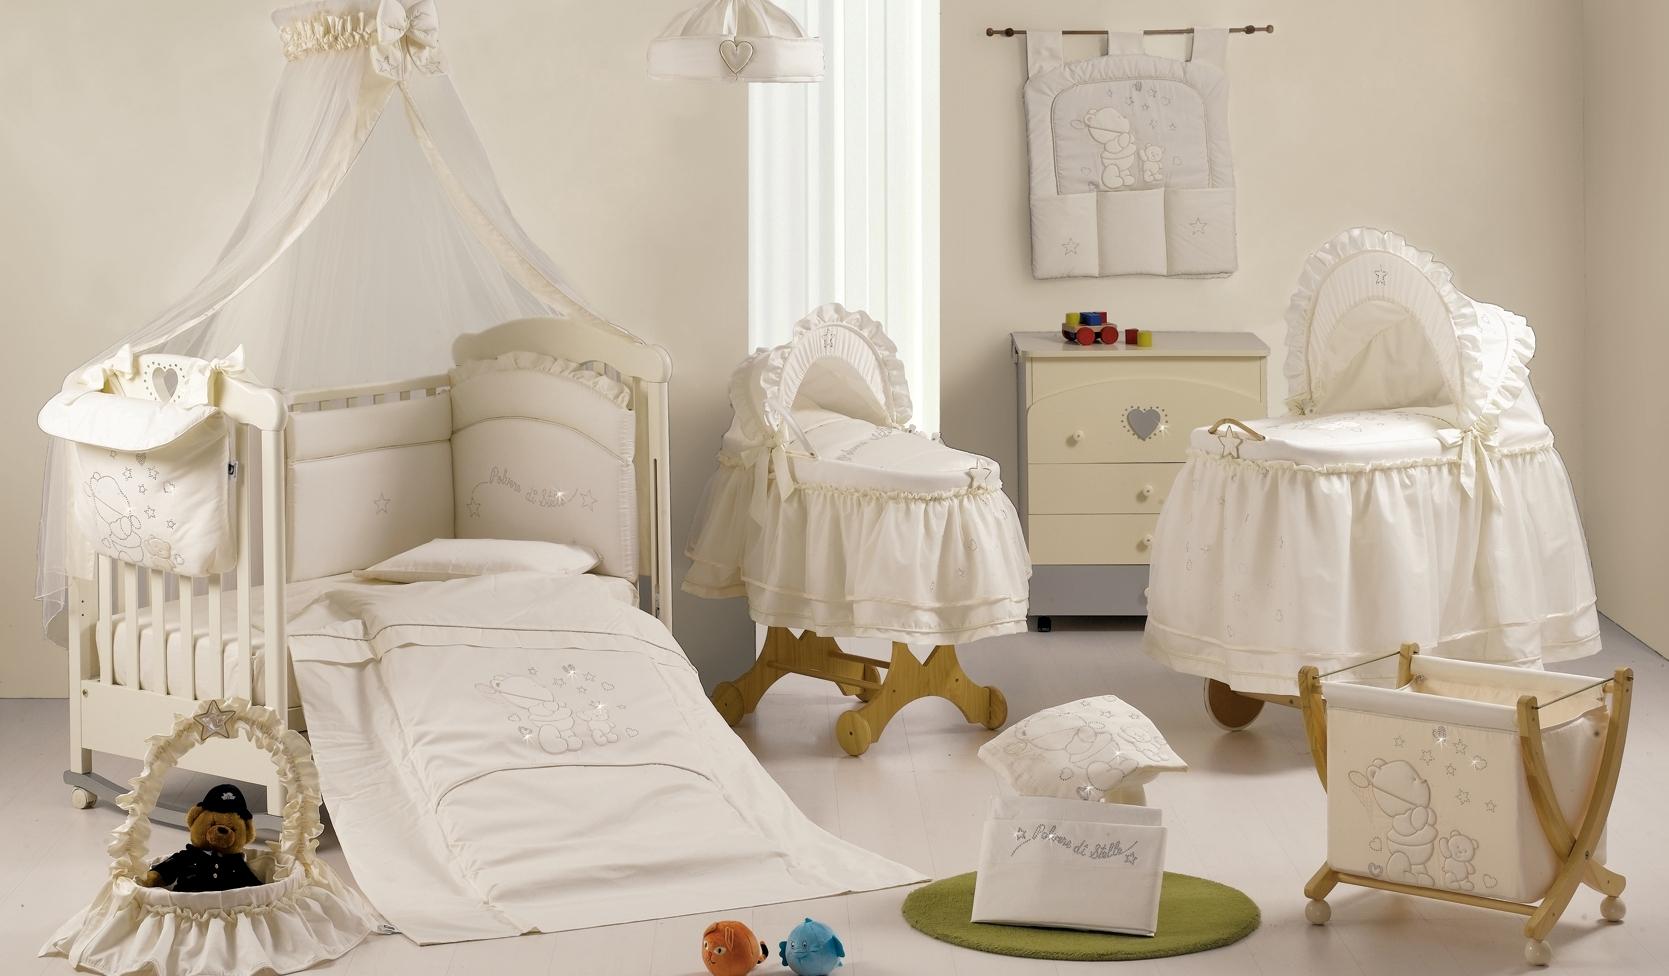 059178ce7 Итальянские кроватки для новорожденных: детские кровати из Италии ...